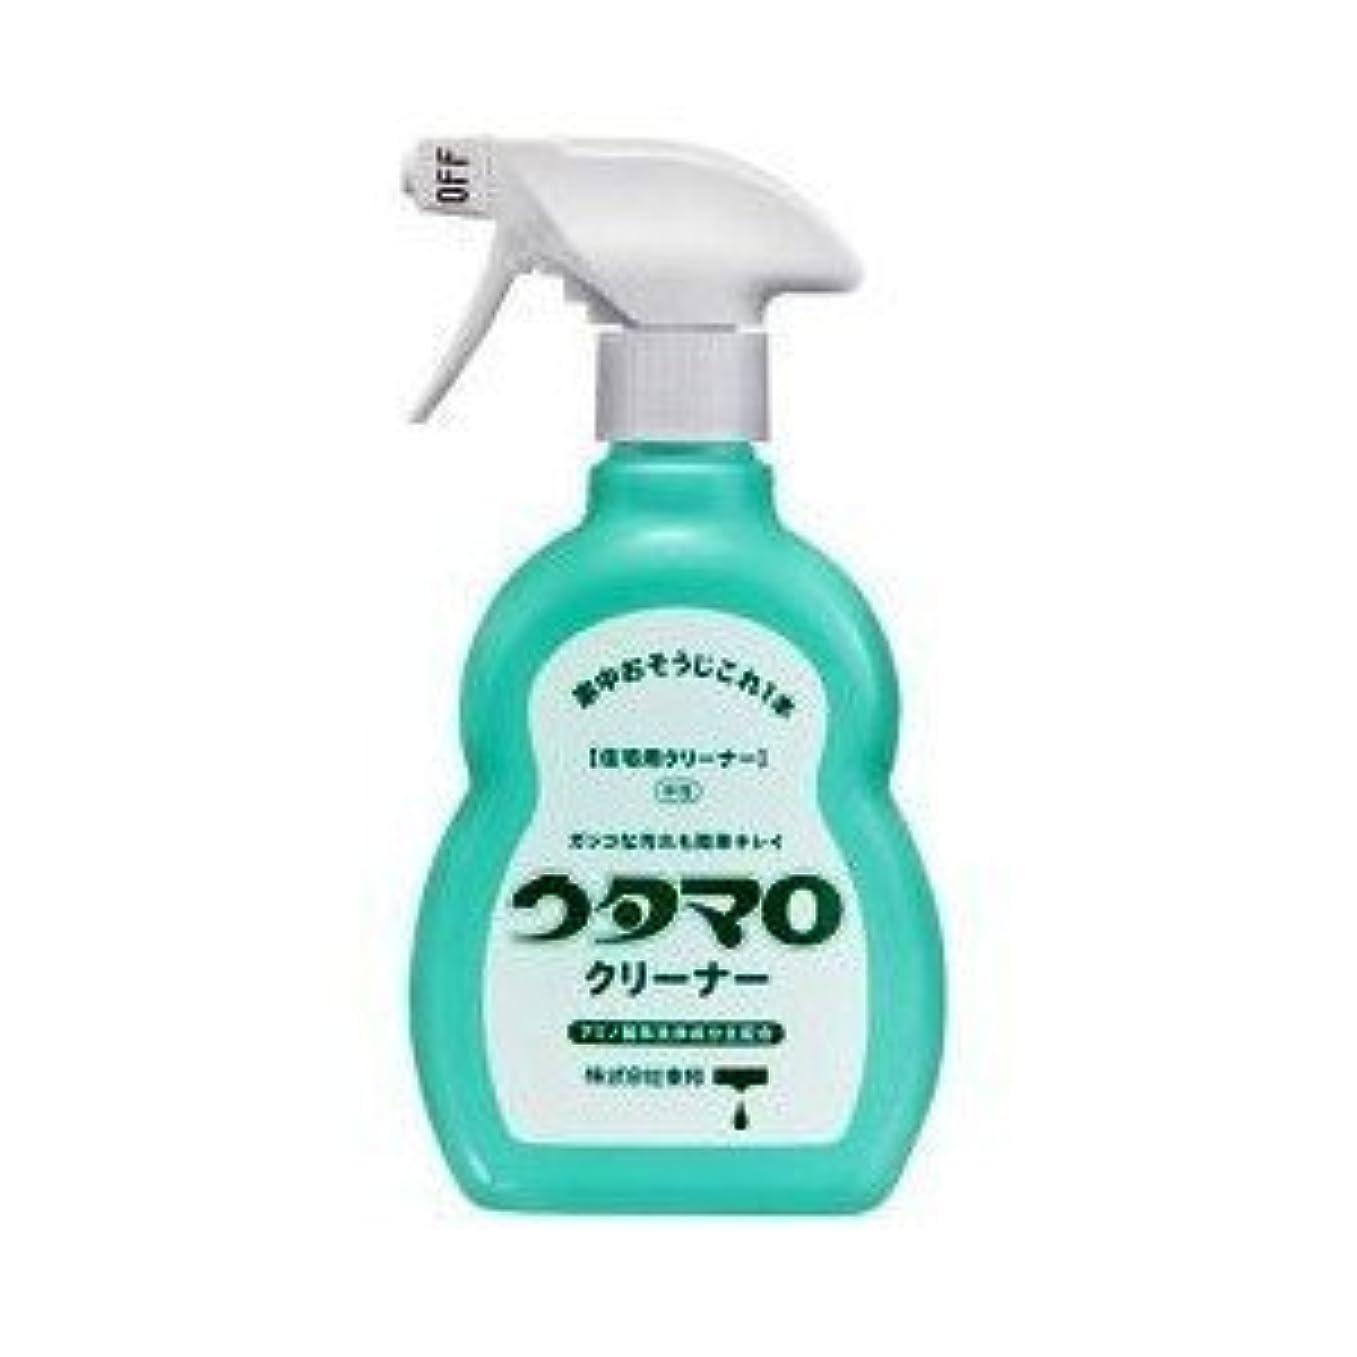 並外れてギャラントリーどれでもウタマロ クリーナー 400ml 洗剤 住居用 アミノ酸系洗浄成分主配合 さわやかなグリーンハーブの香り